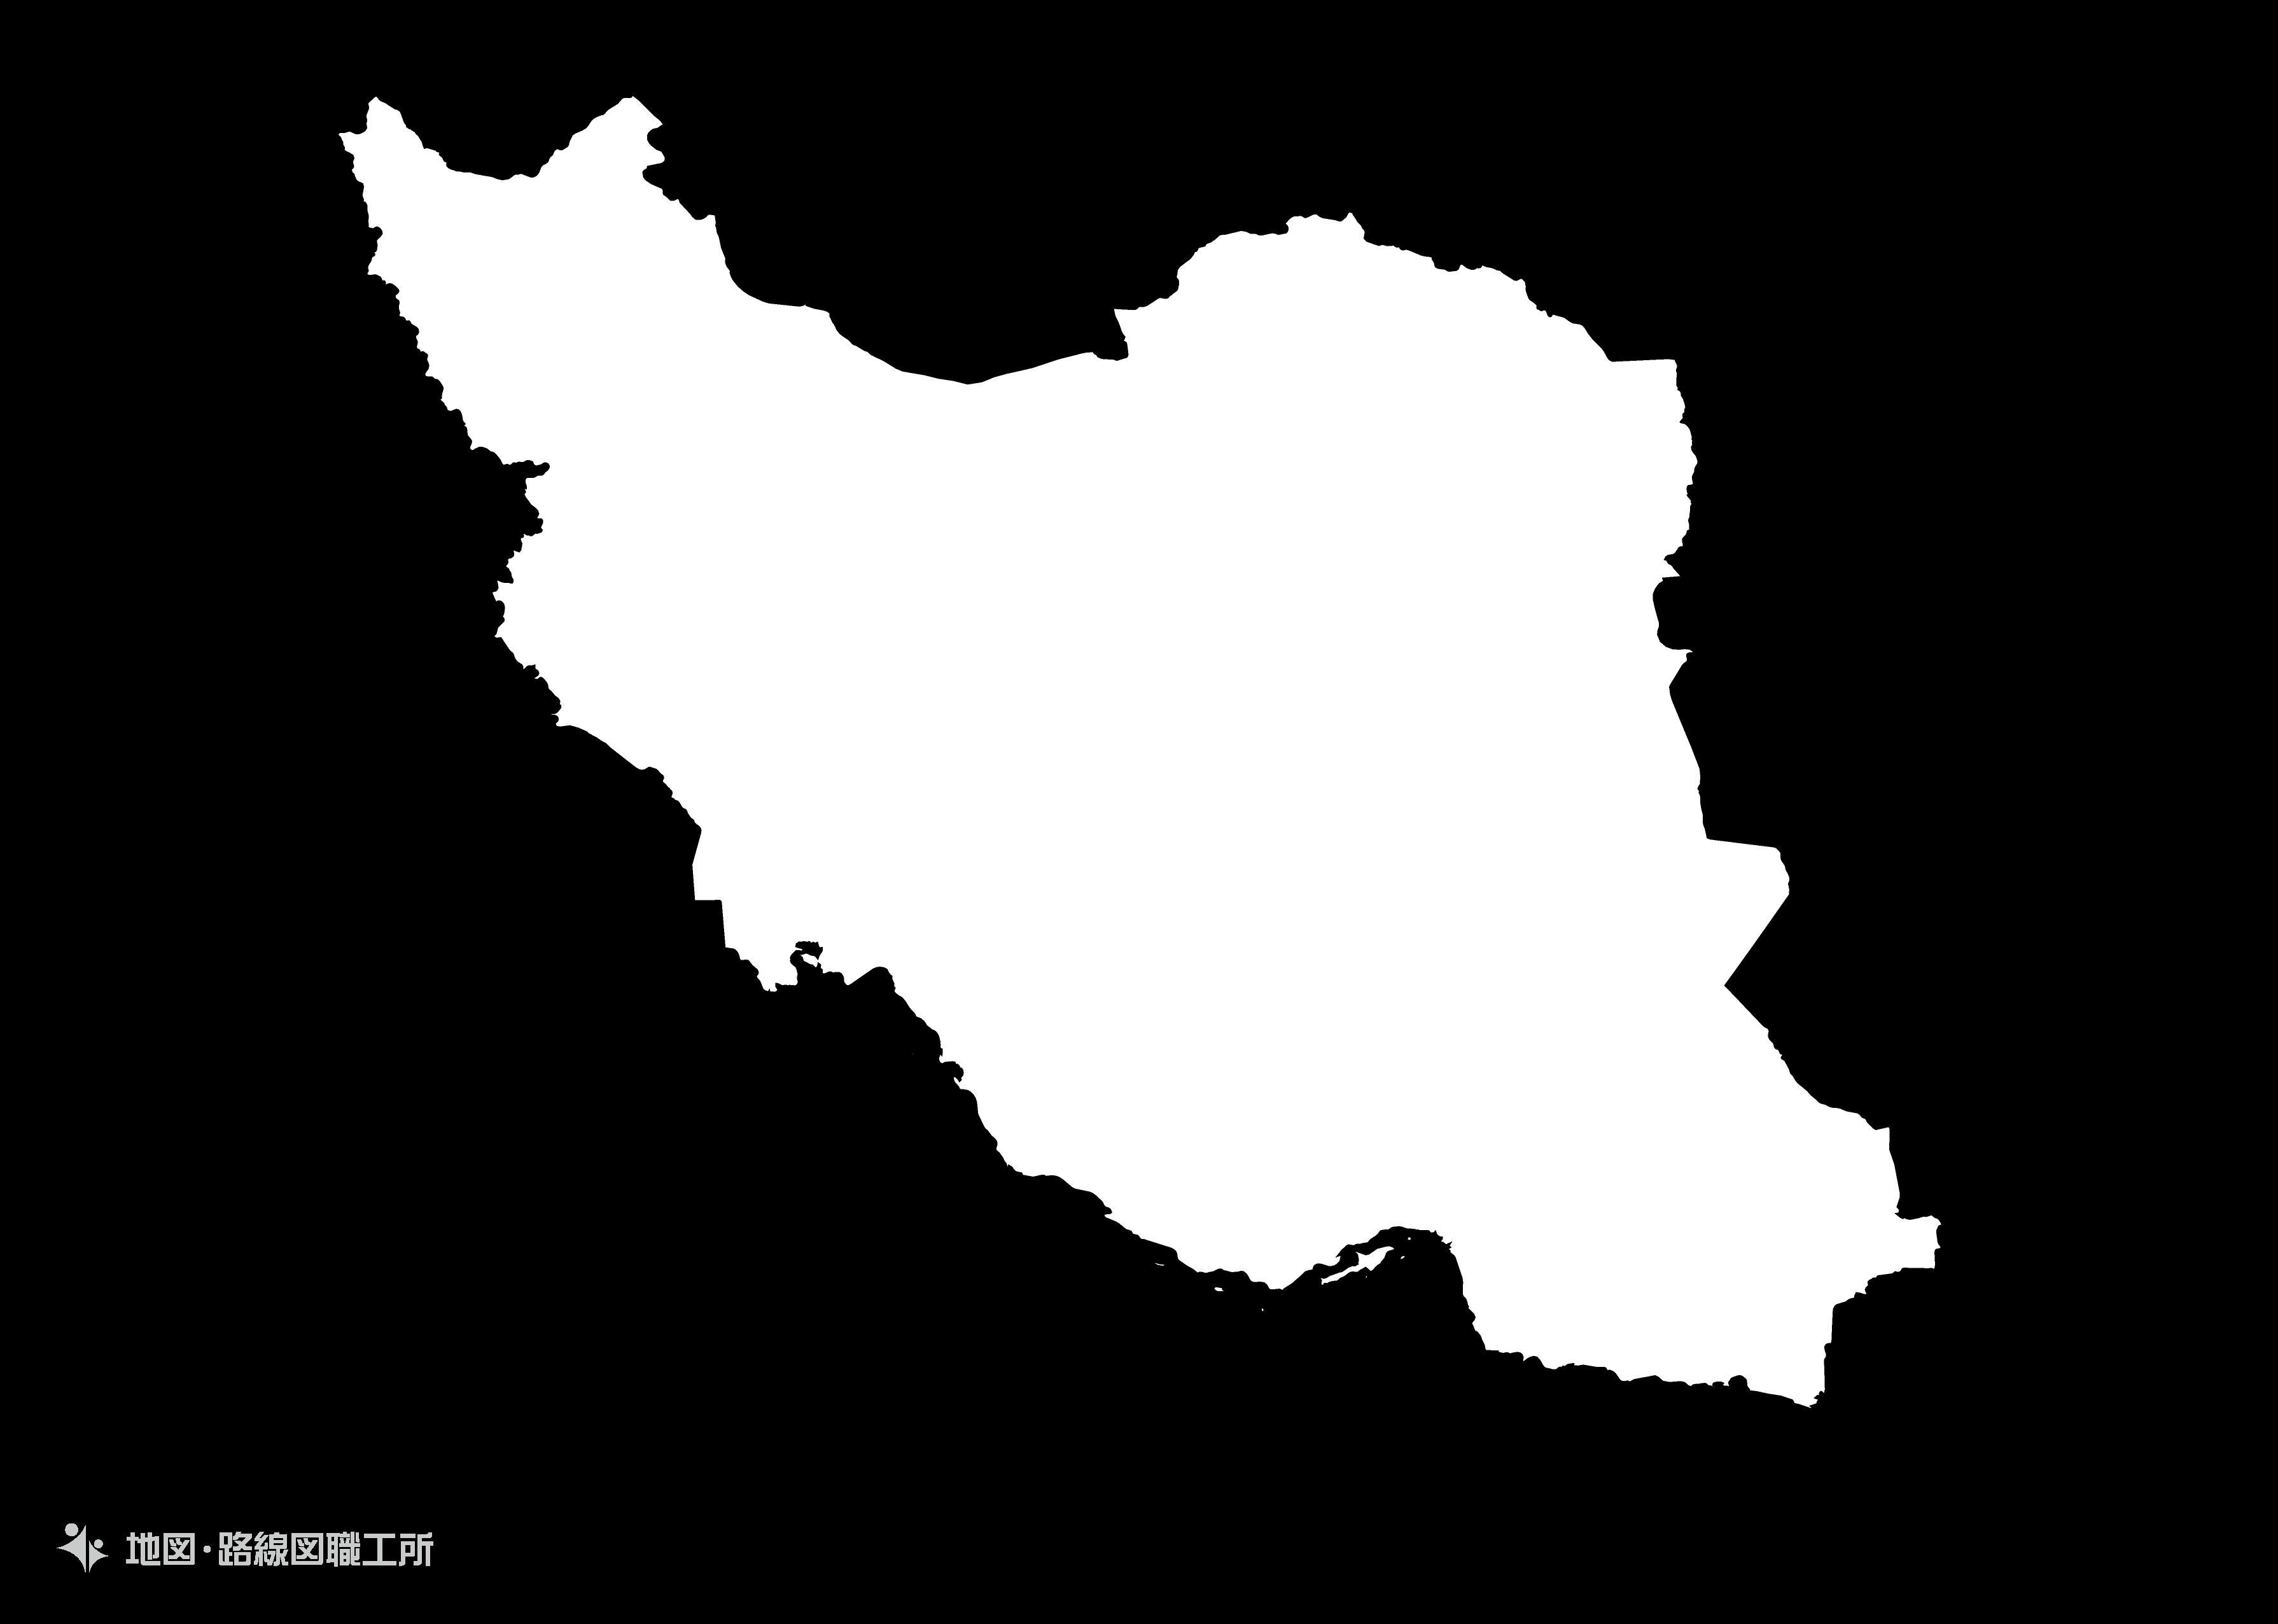 世界の白地図 イラン・イスラム共和国 islamic-republic-of-iran map